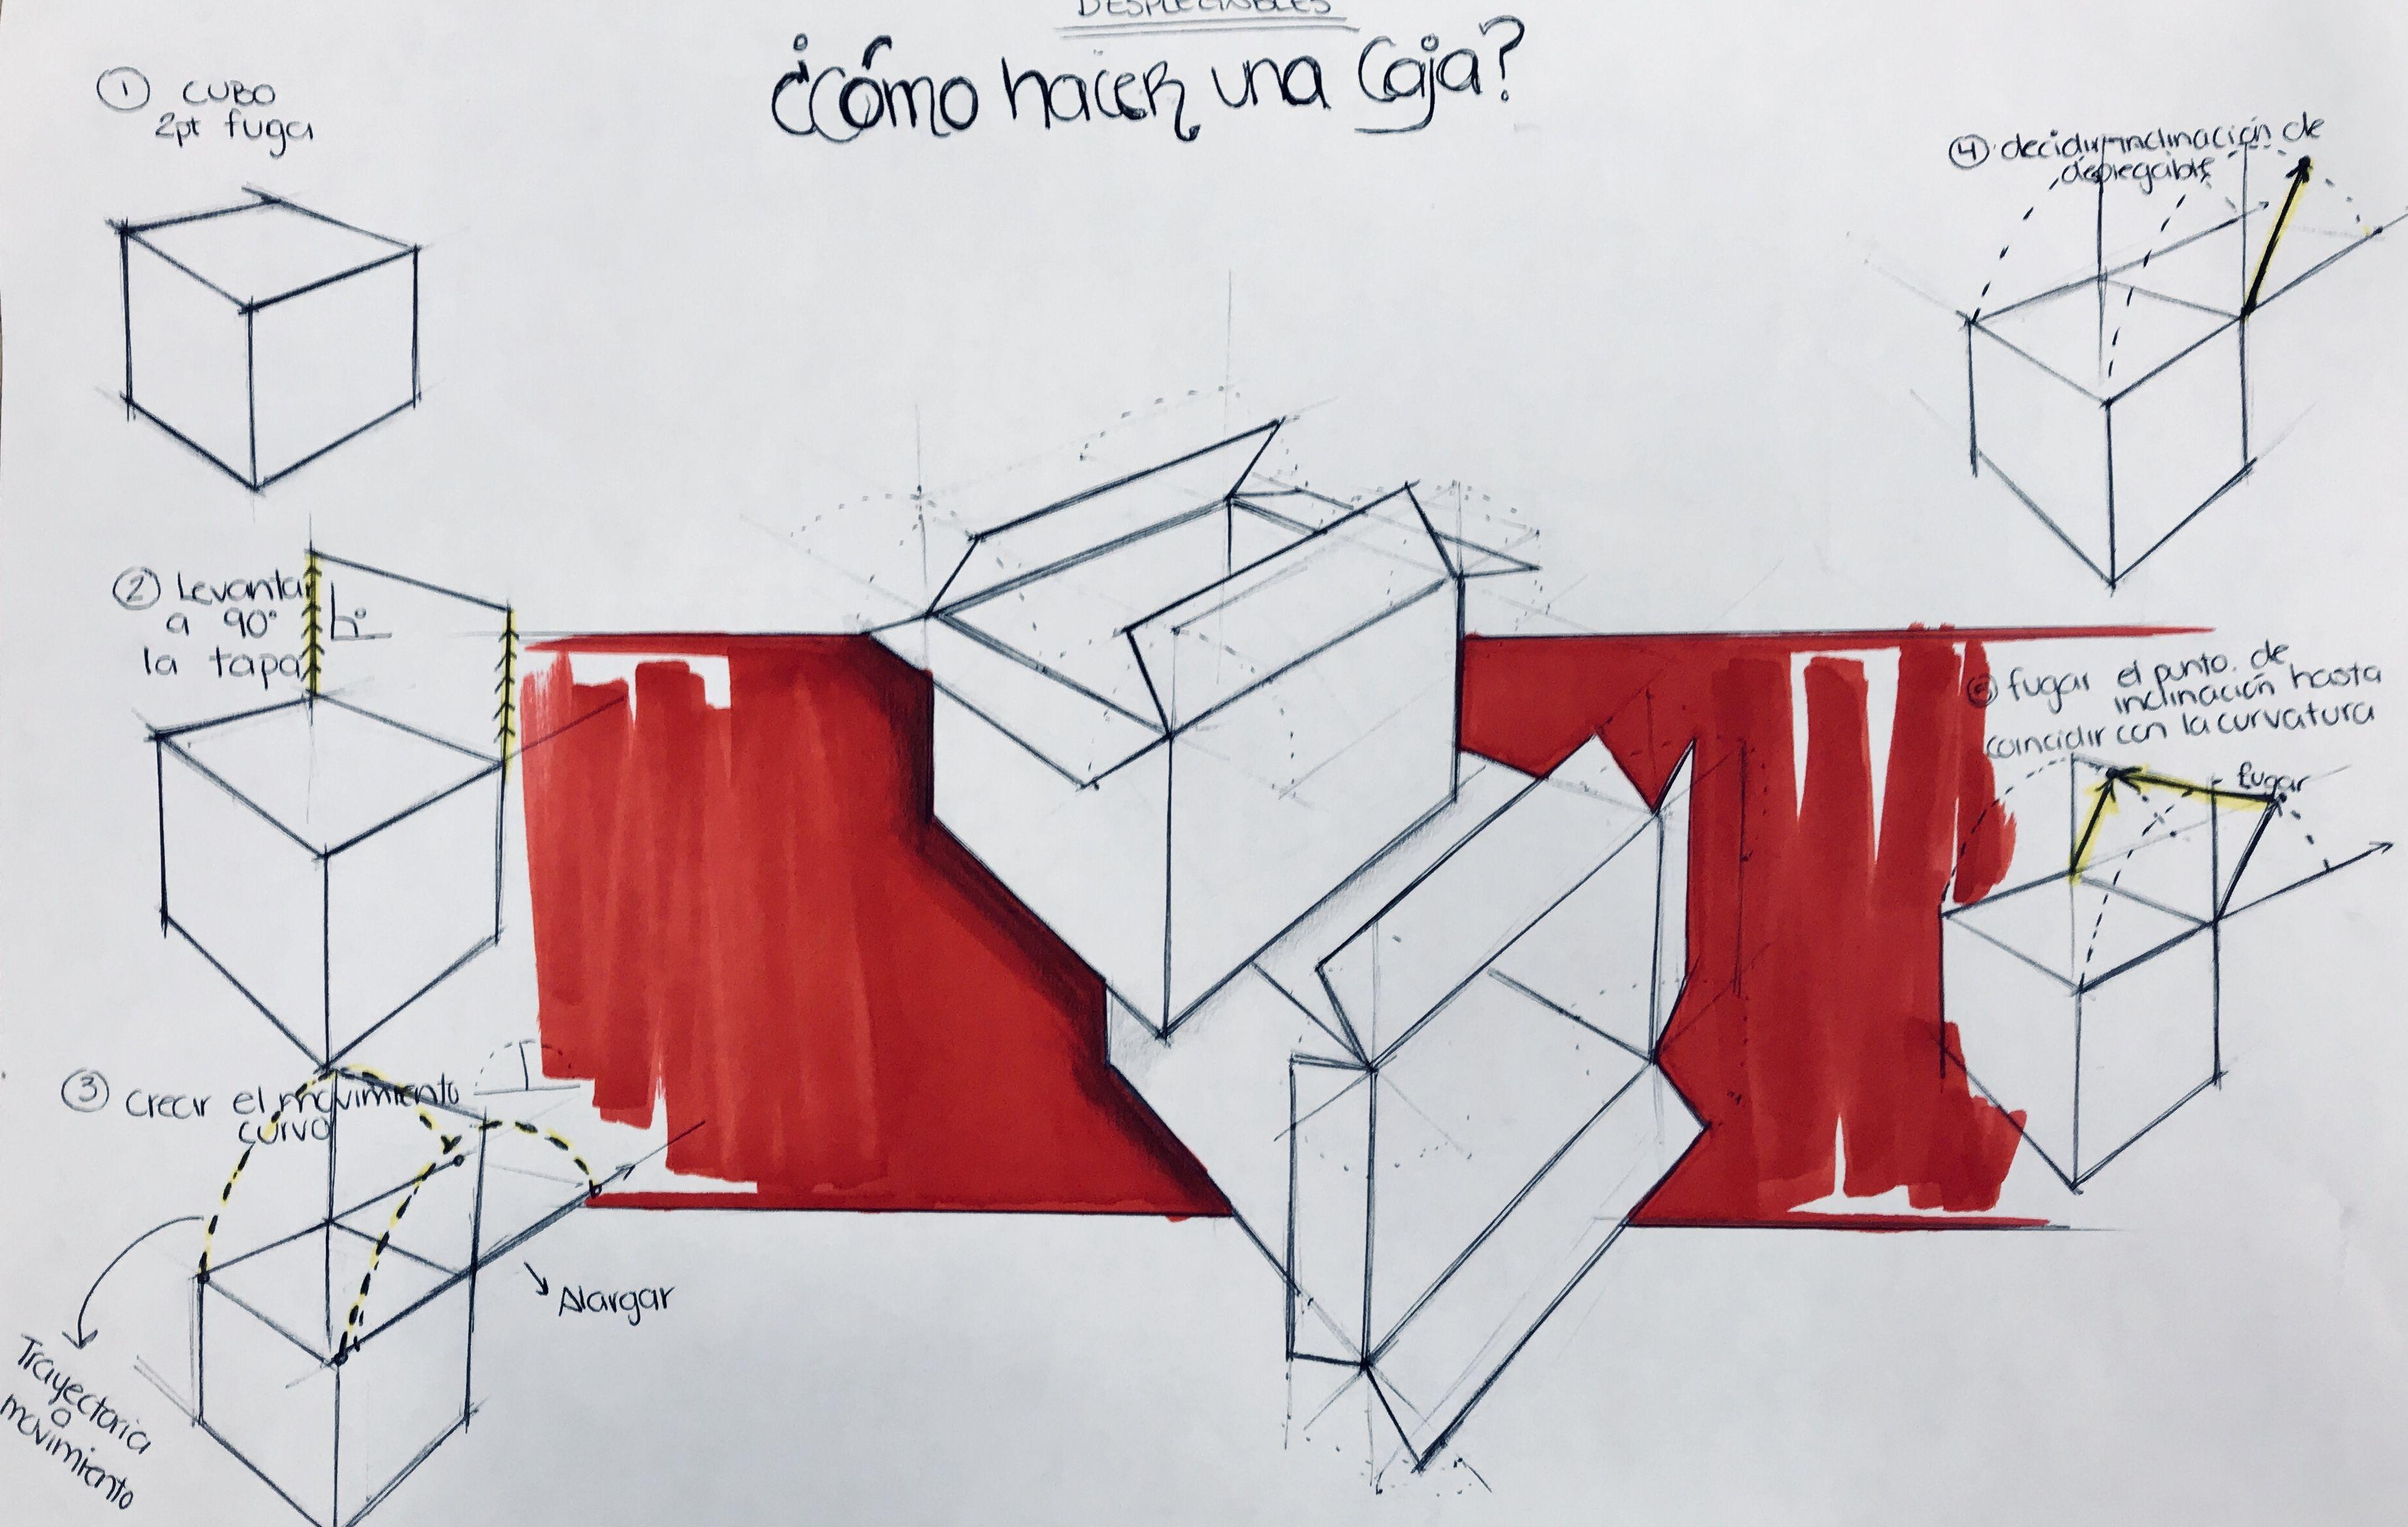 Desplegables Como Hacer Una Caja 1 Hacer Cubo A 2 Puntos De Fuga 2 Levantar Tapa A 90 Grados 3 Marca 3 Puntos De Fuga Como Hacer Una Caja Disenos De Unas